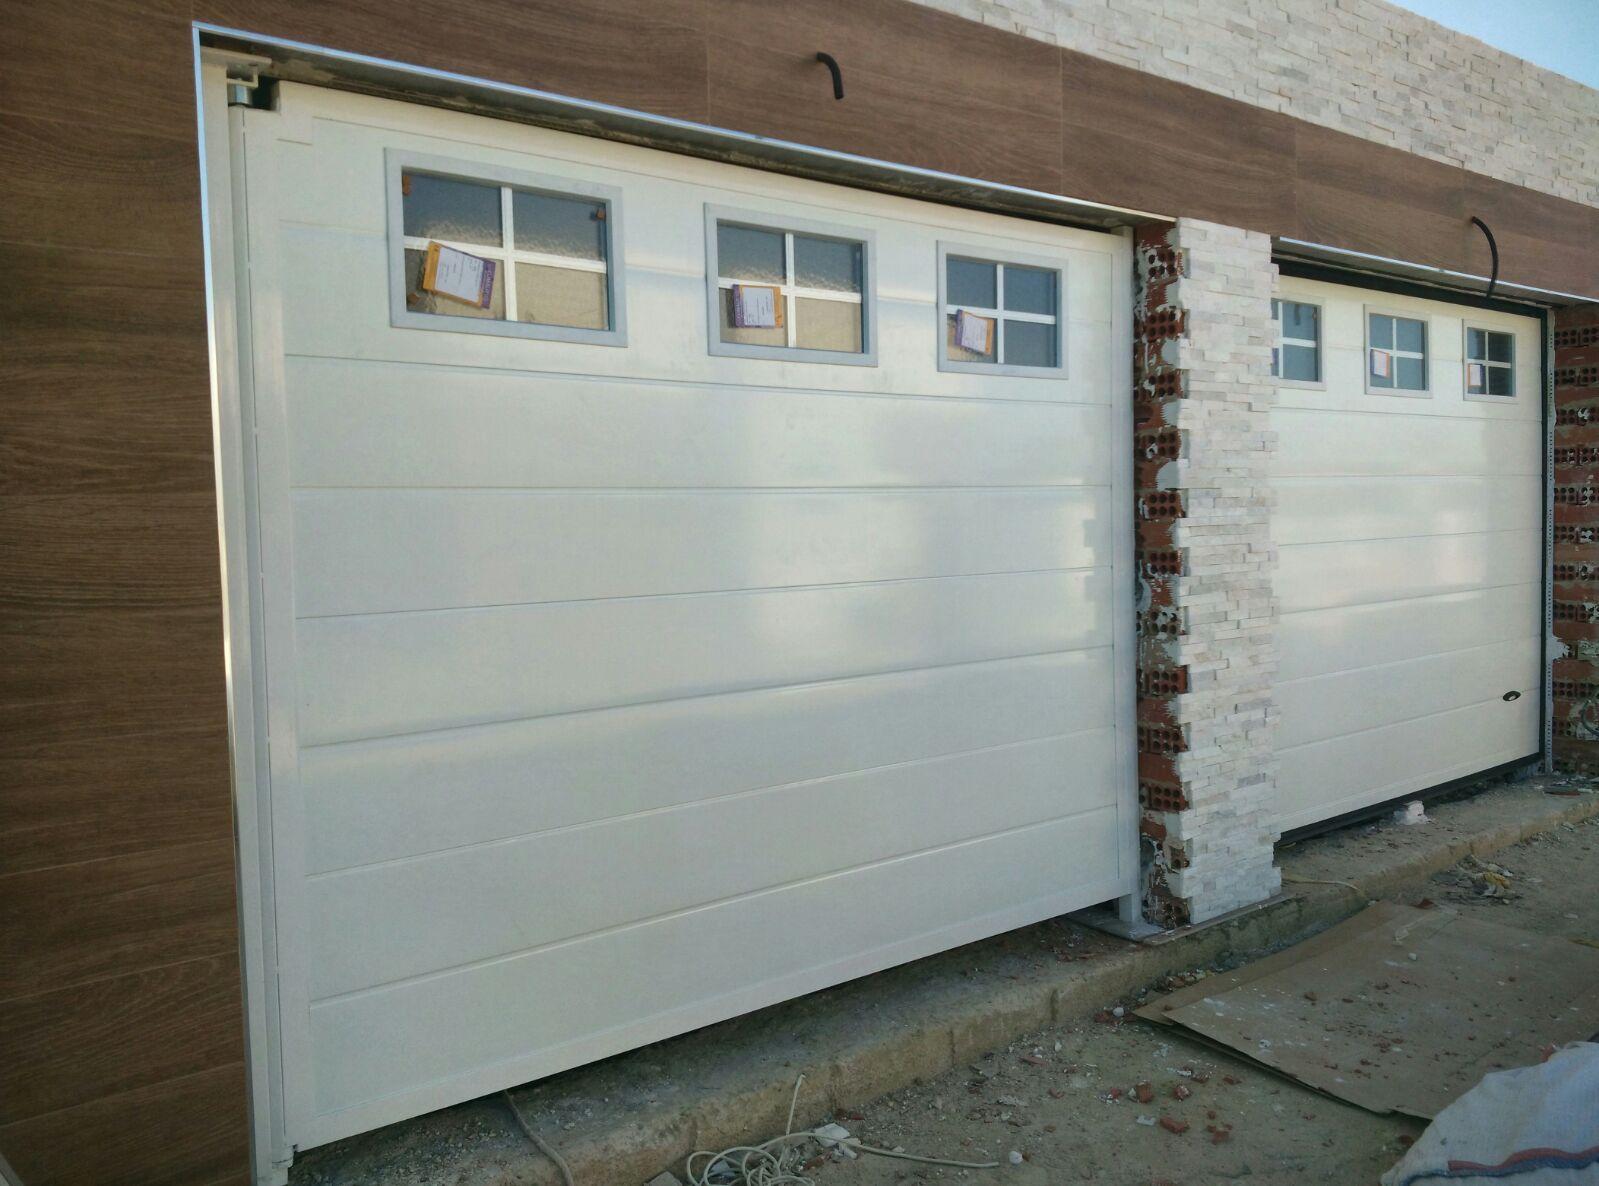 Puerta Seccional Con Ventanas Superiores En Color Blanco Puertas Automaticas Puertas Ventanas